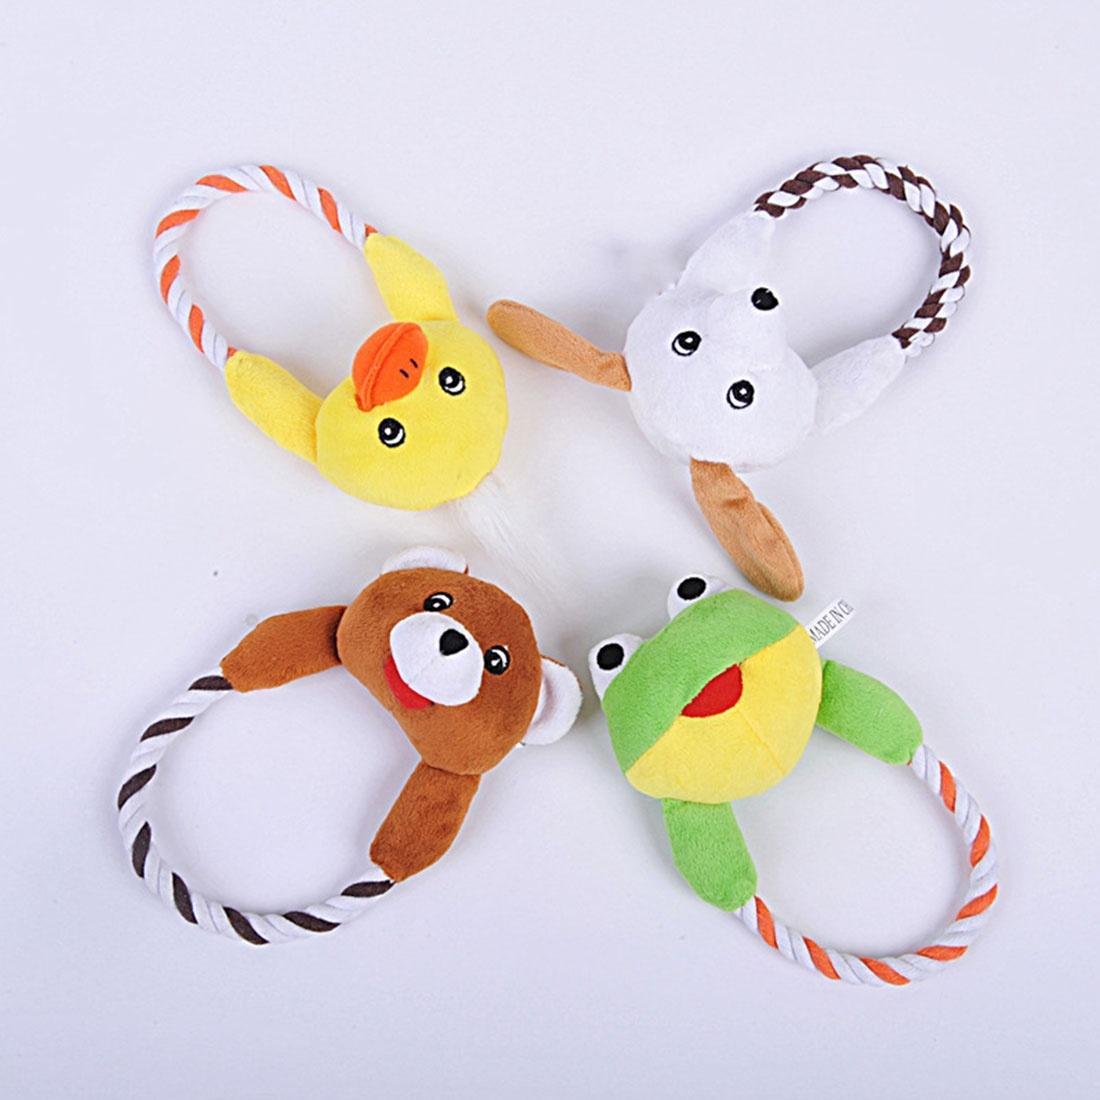 Игрушка для животных joyliveCY Мягкая игрушка-пищалка для собак